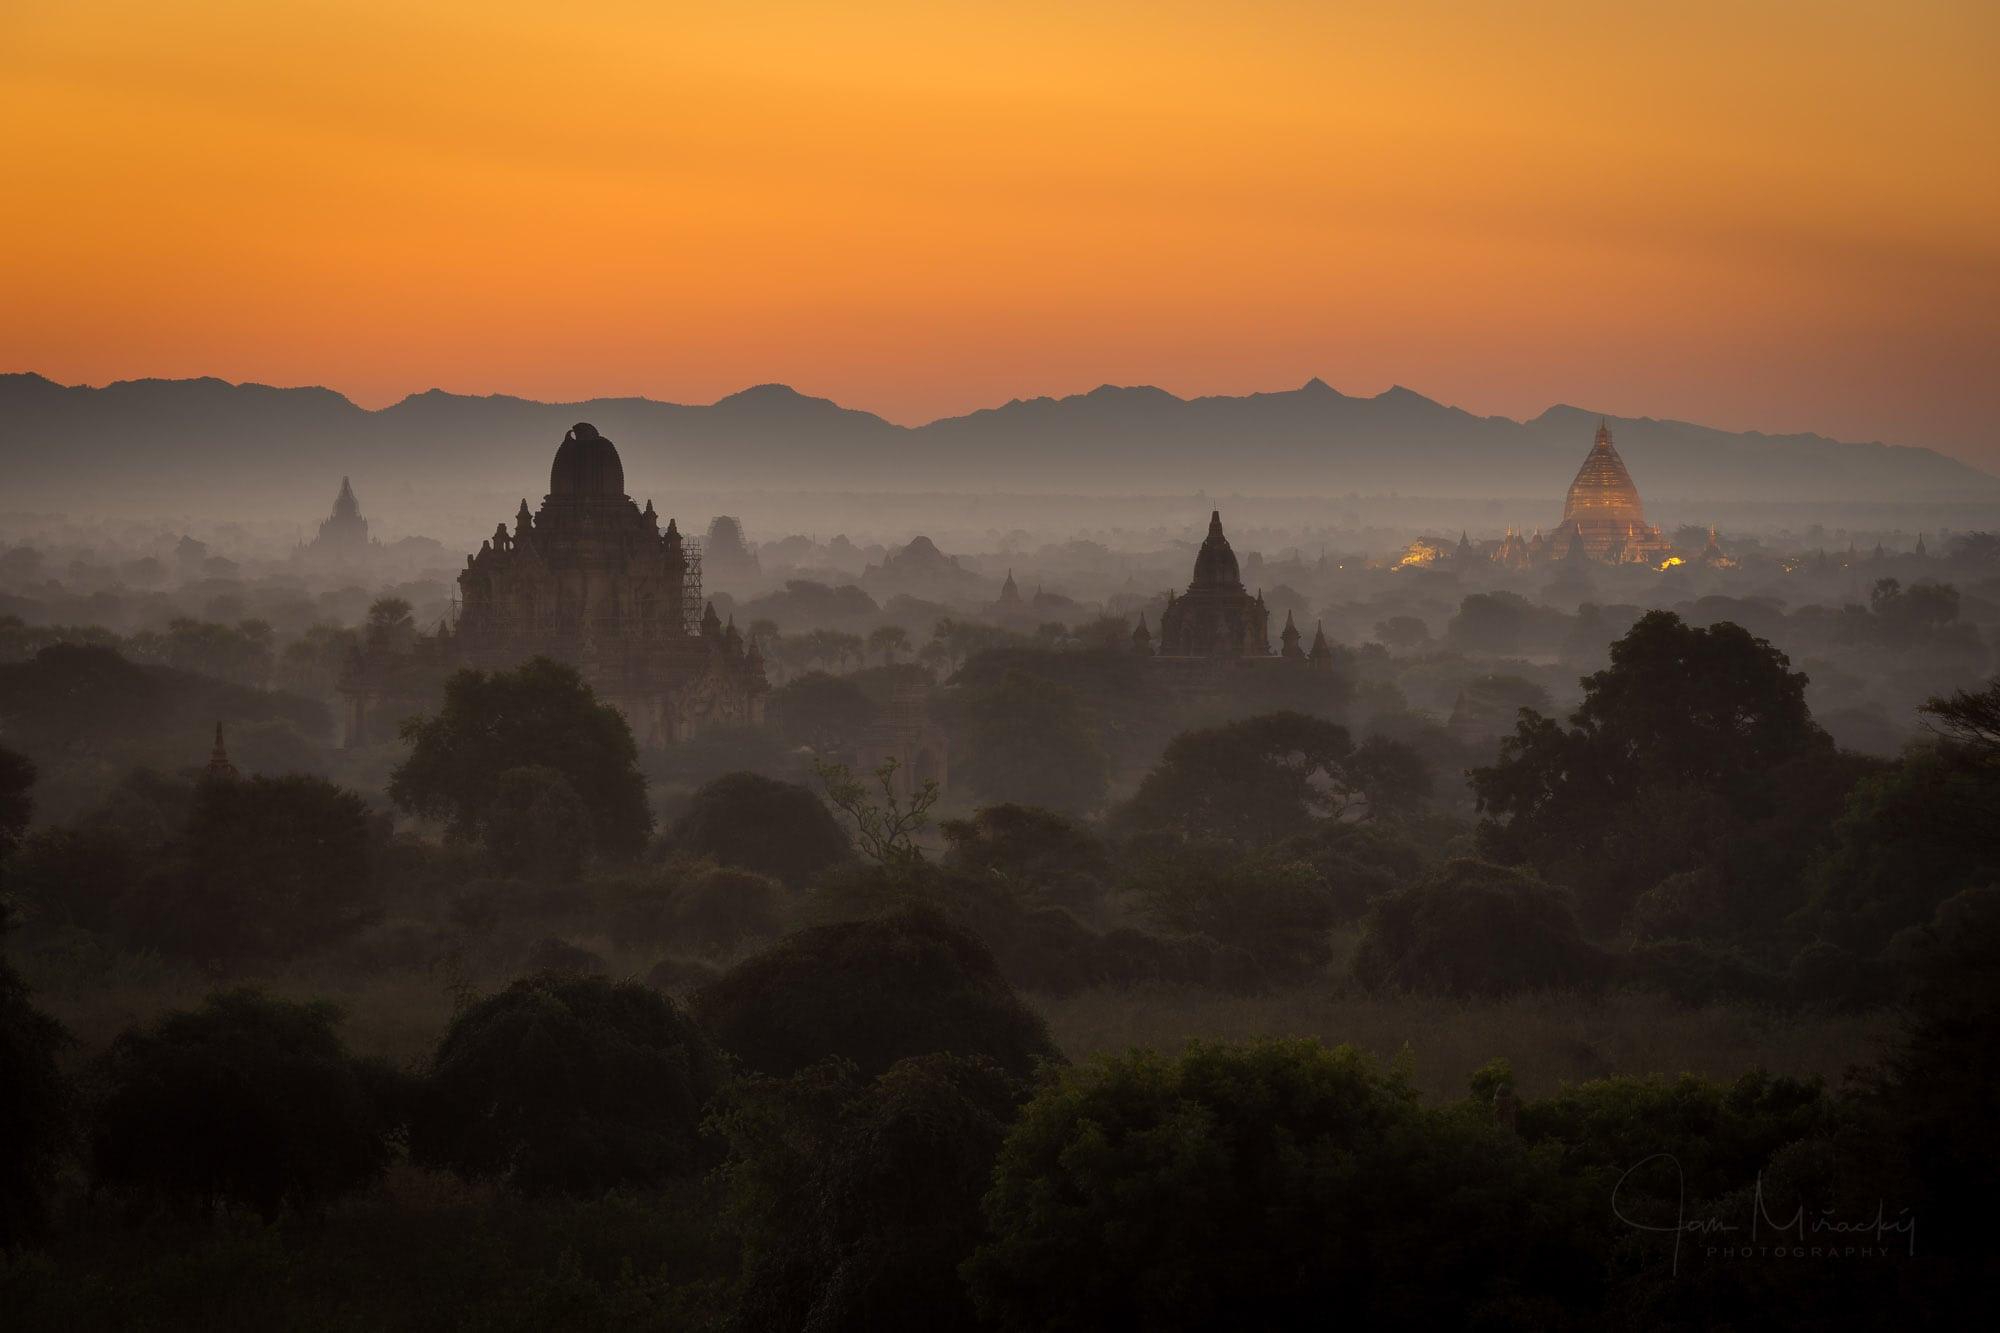 Temples of Bagan at sunrise